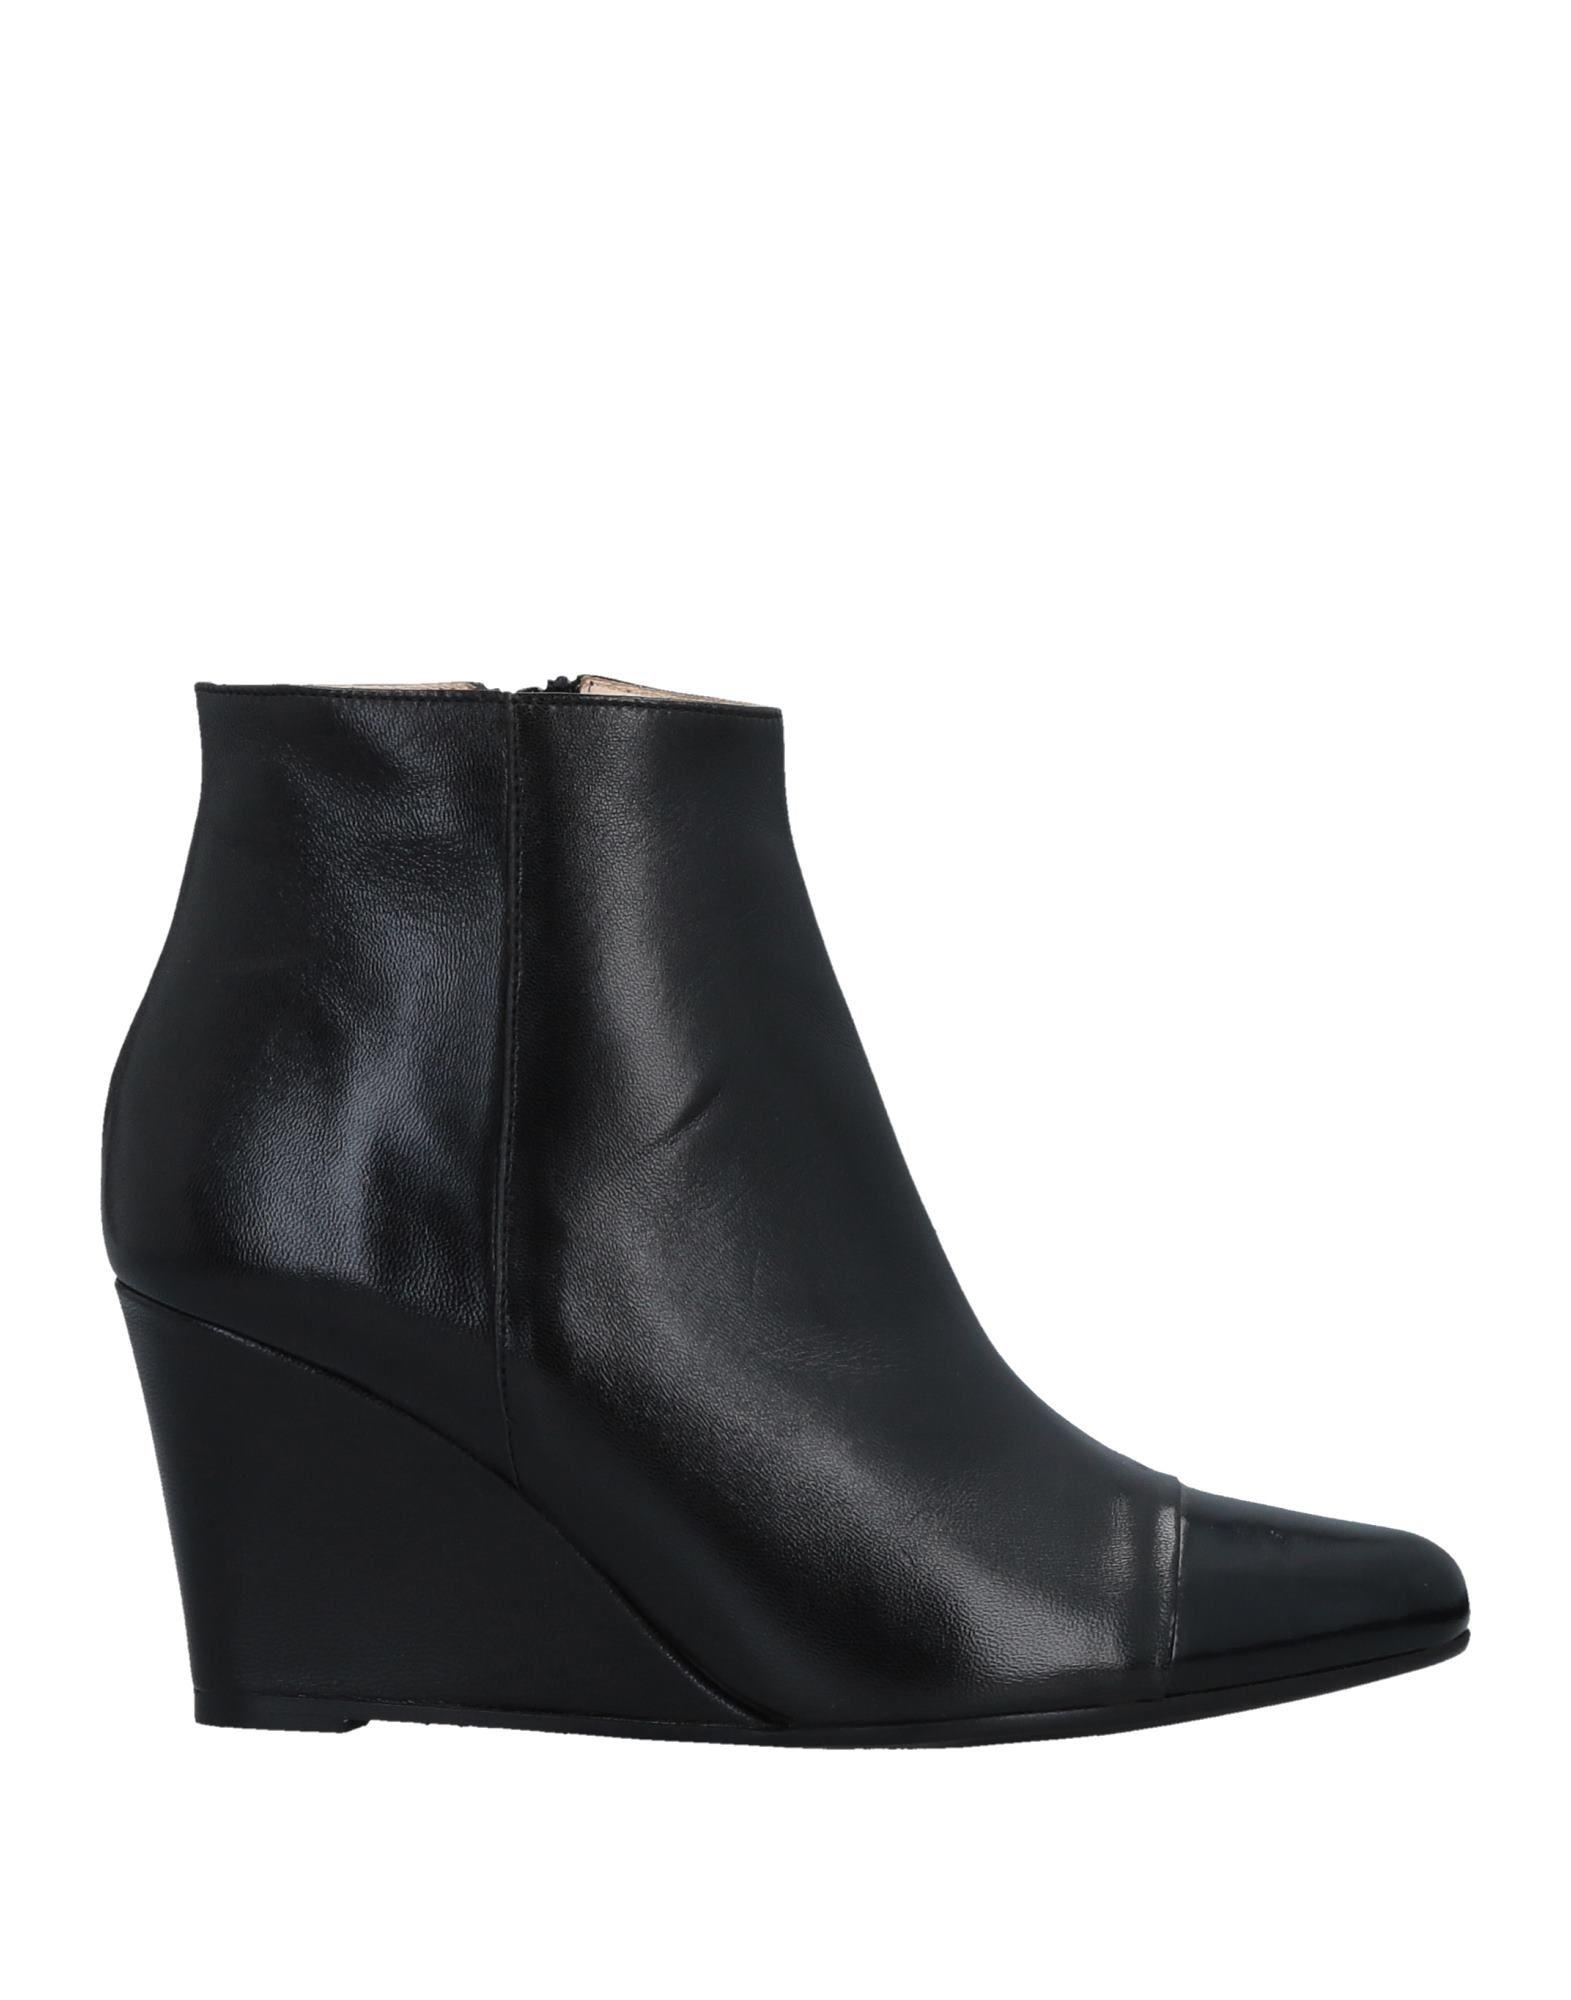 K. Spin Stiefelette Damen  11509683DV Gute Qualität beliebte Schuhe